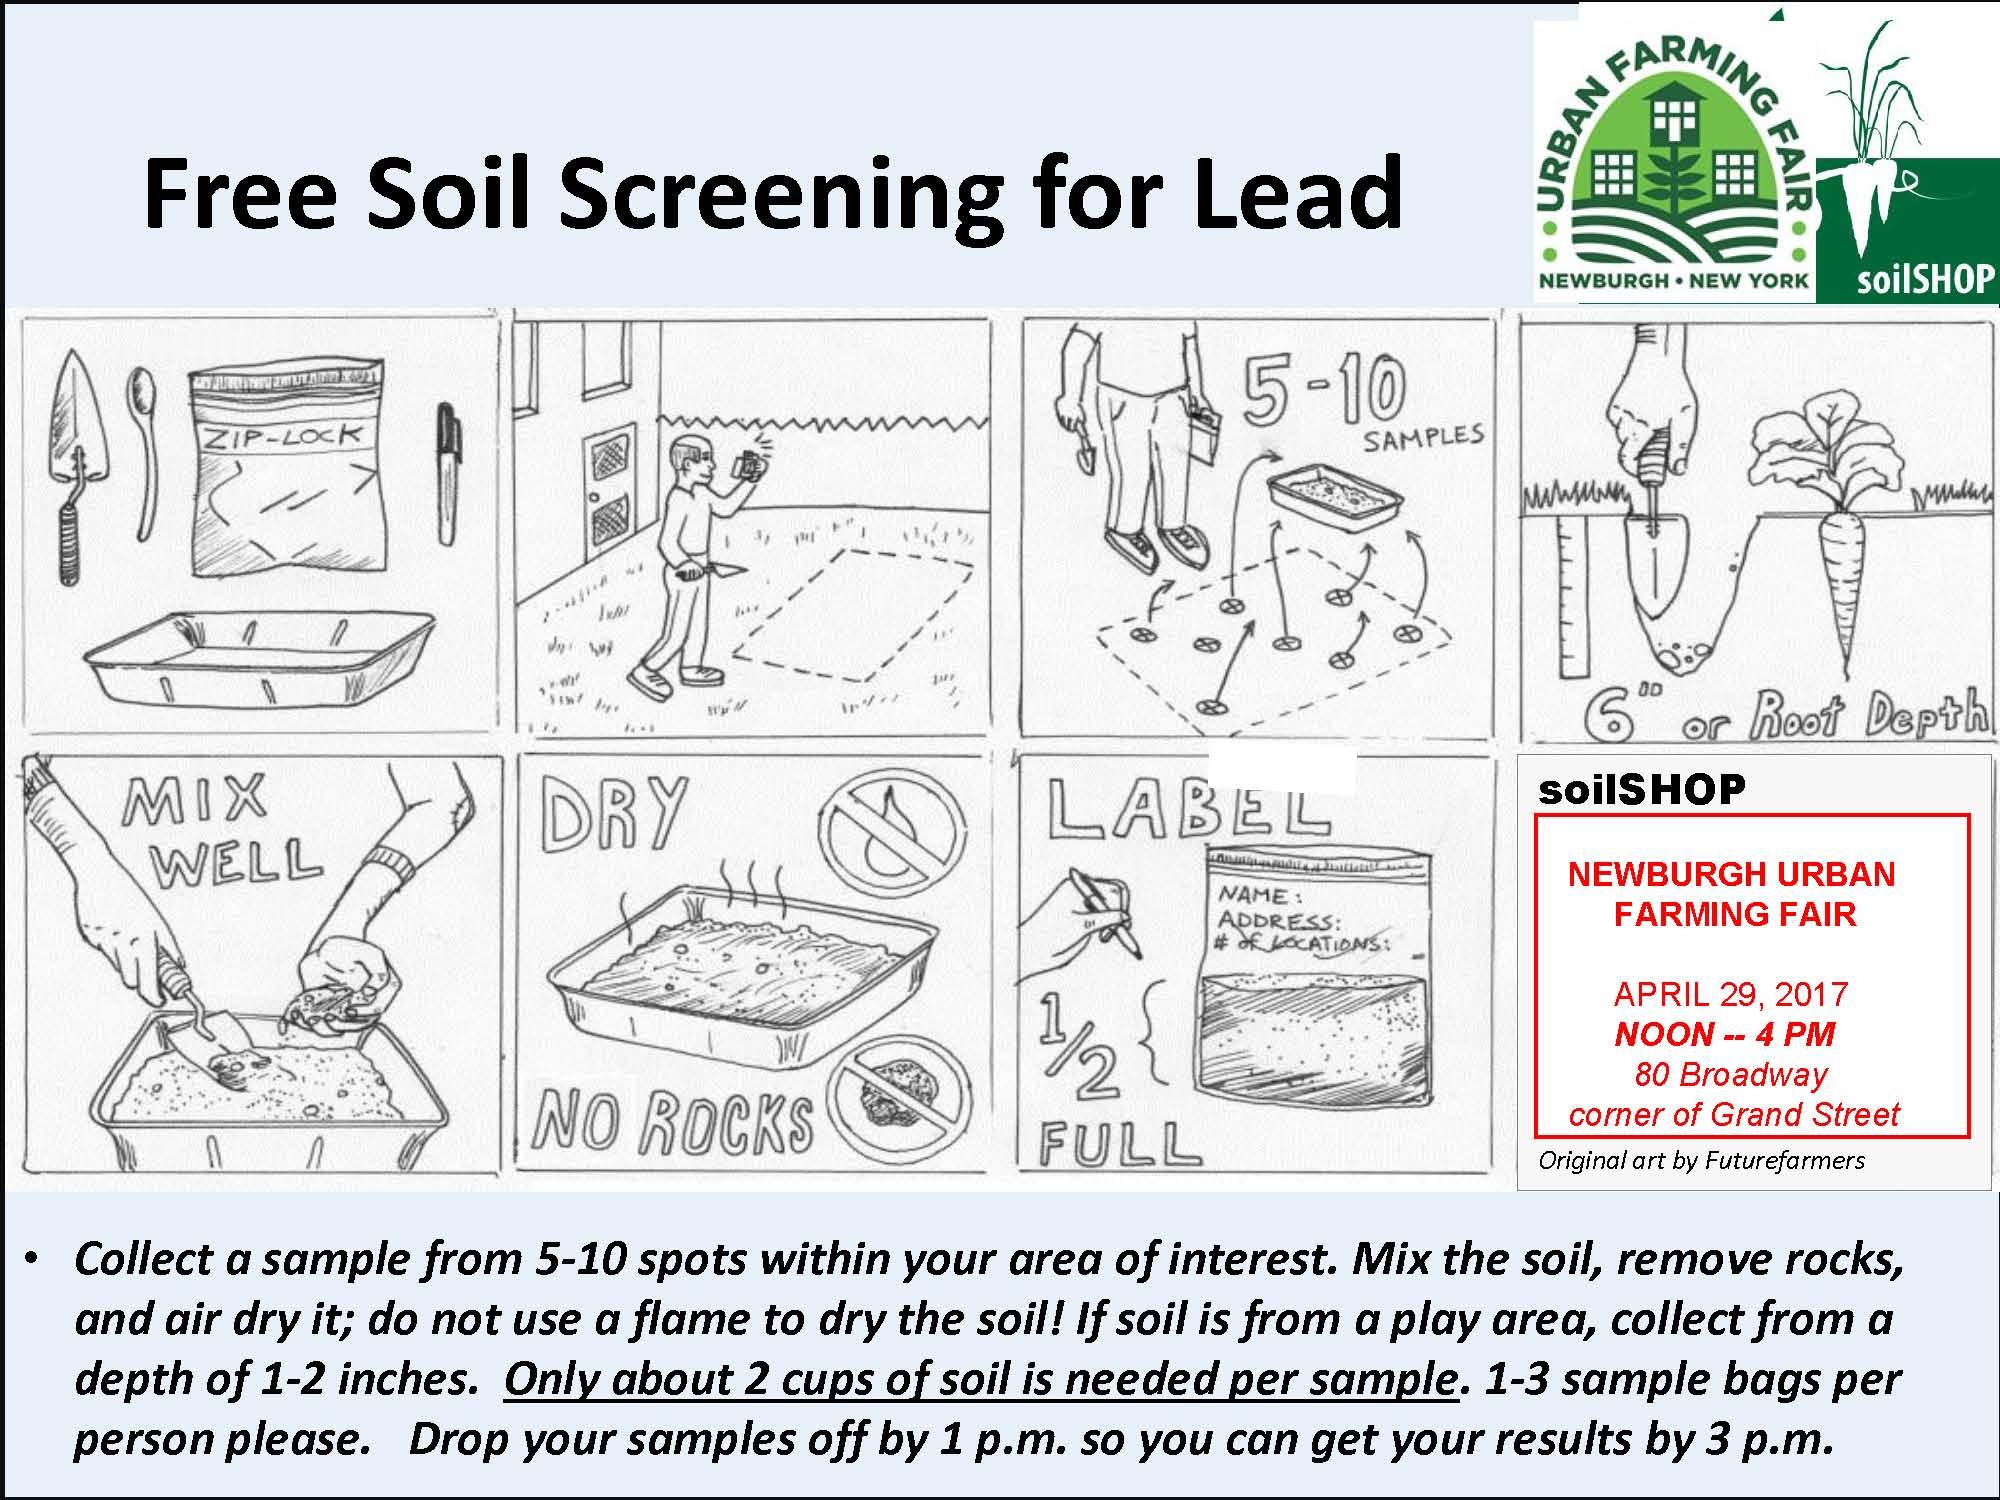 How to Sample Soil - SoilShop